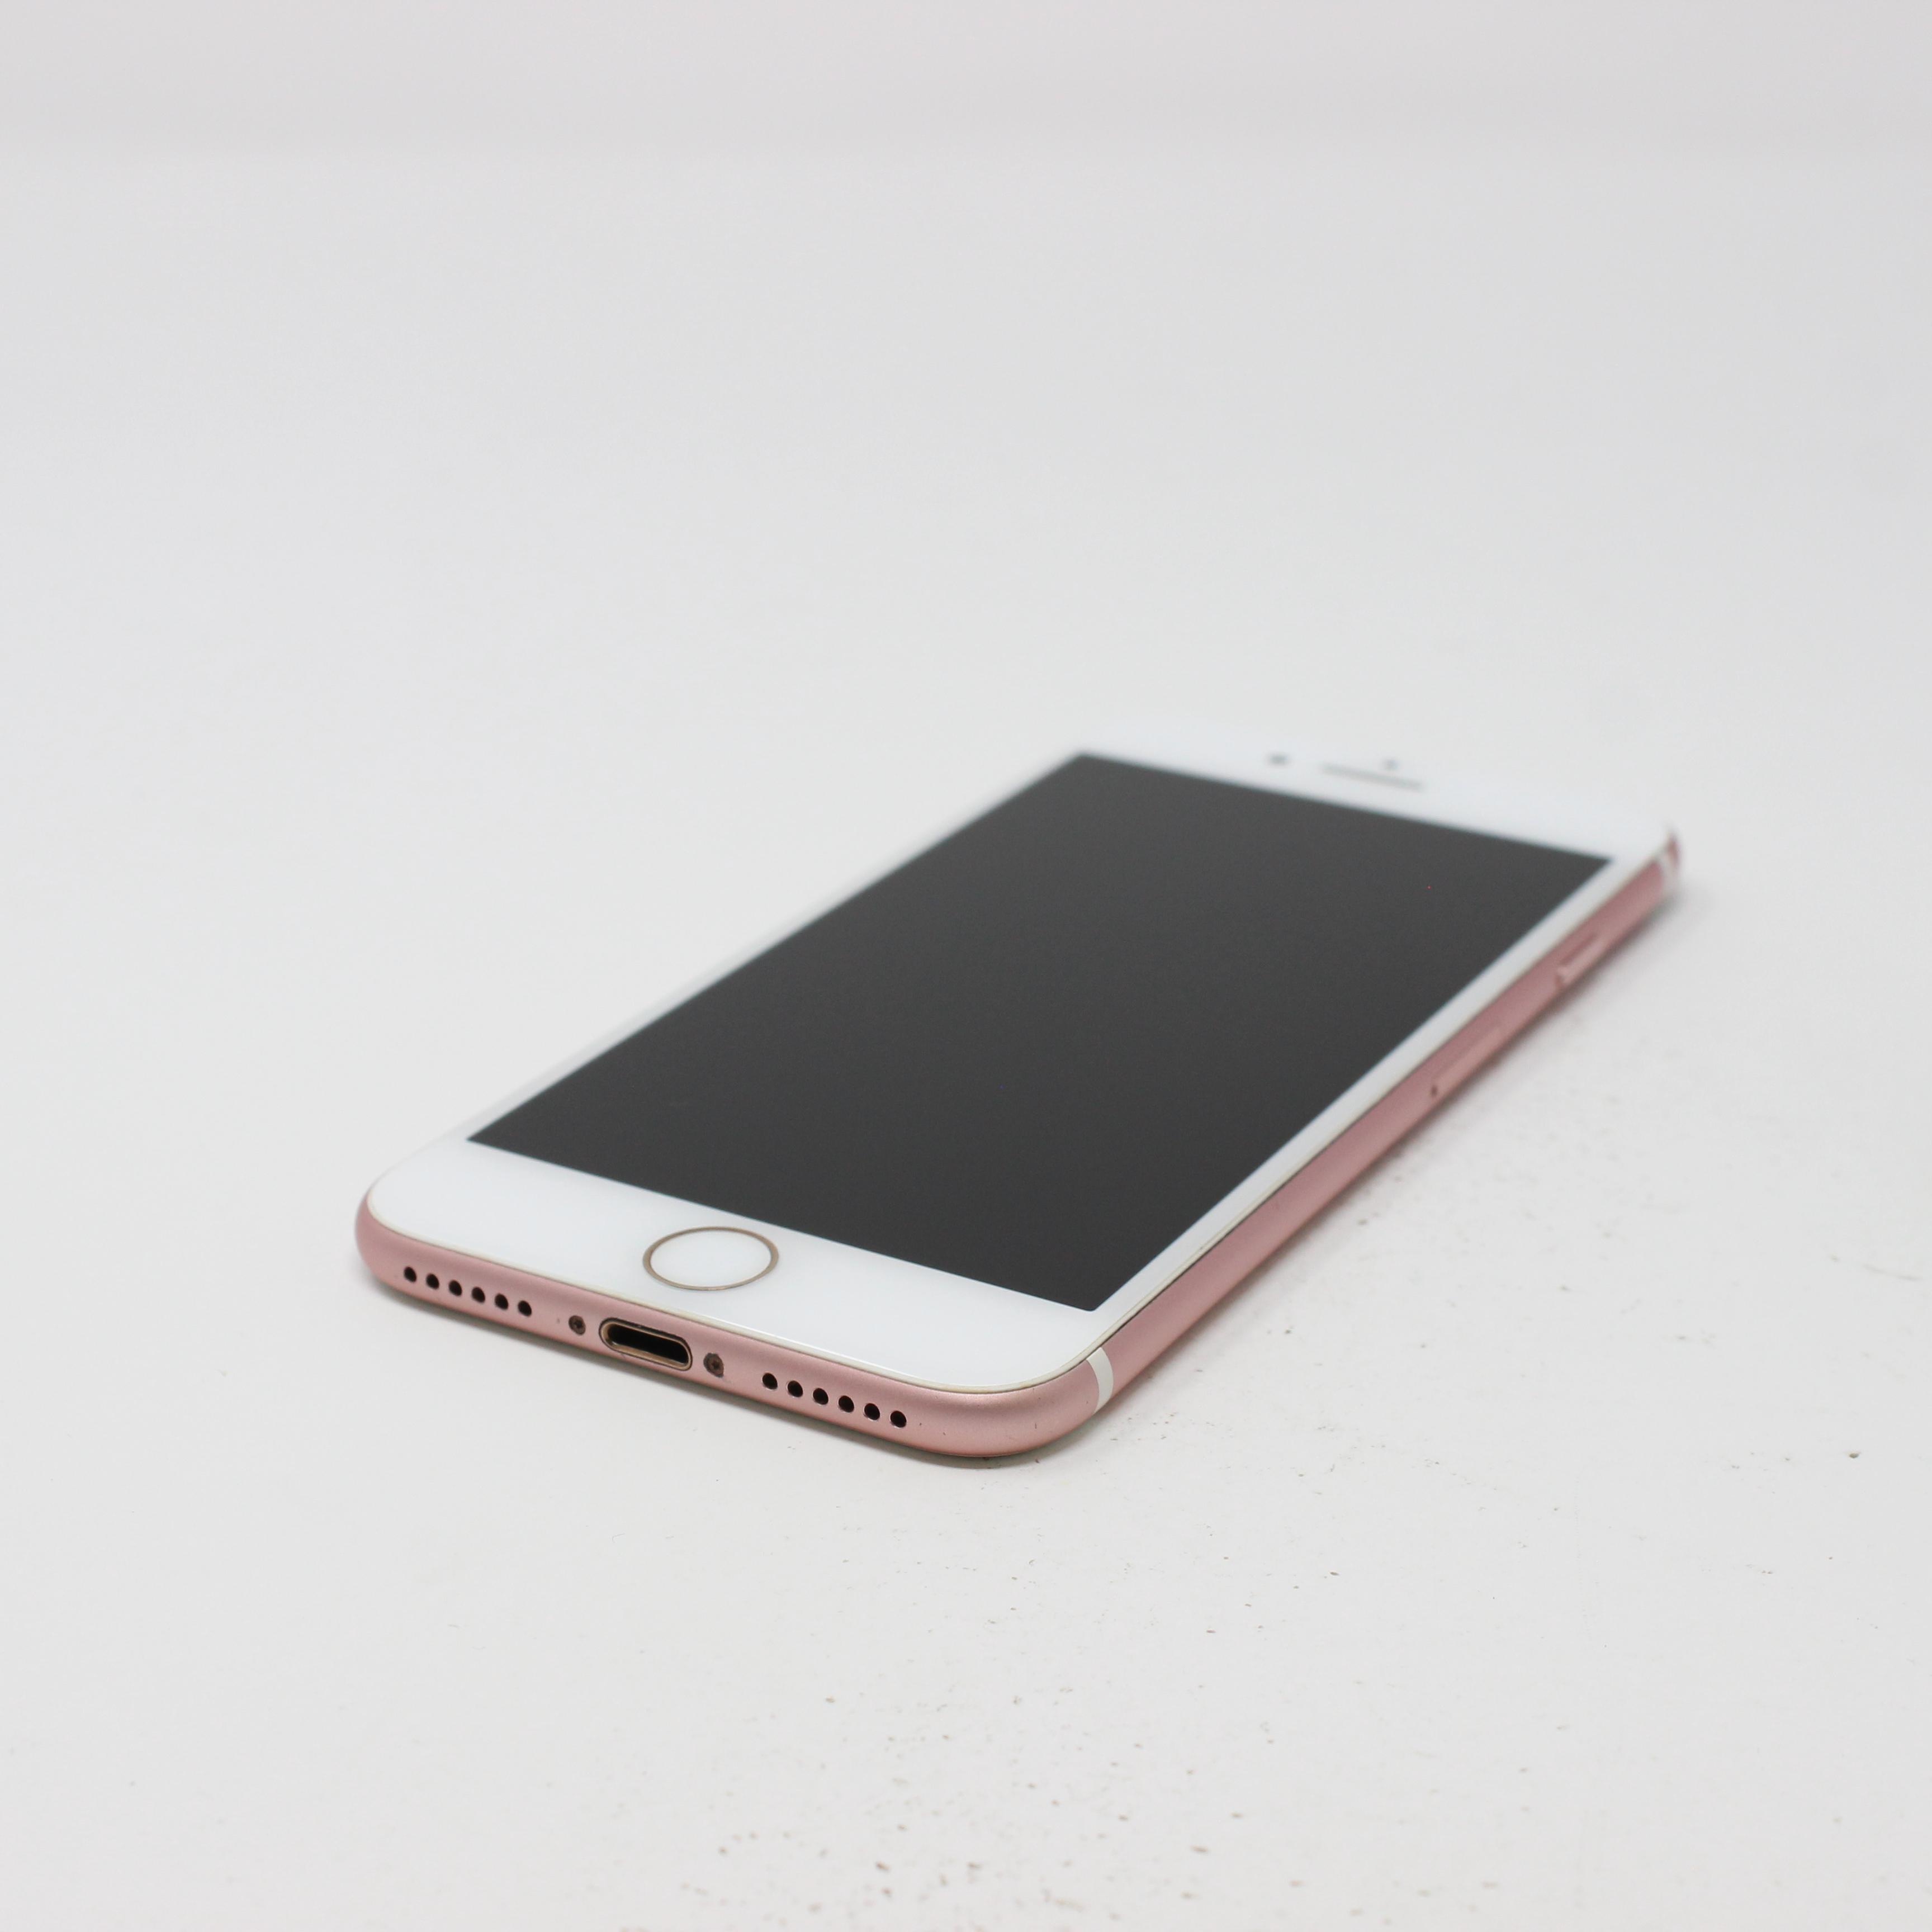 iPhone 7 32GB Rose Gold - AT&T photo 6 | UpTradeit.com